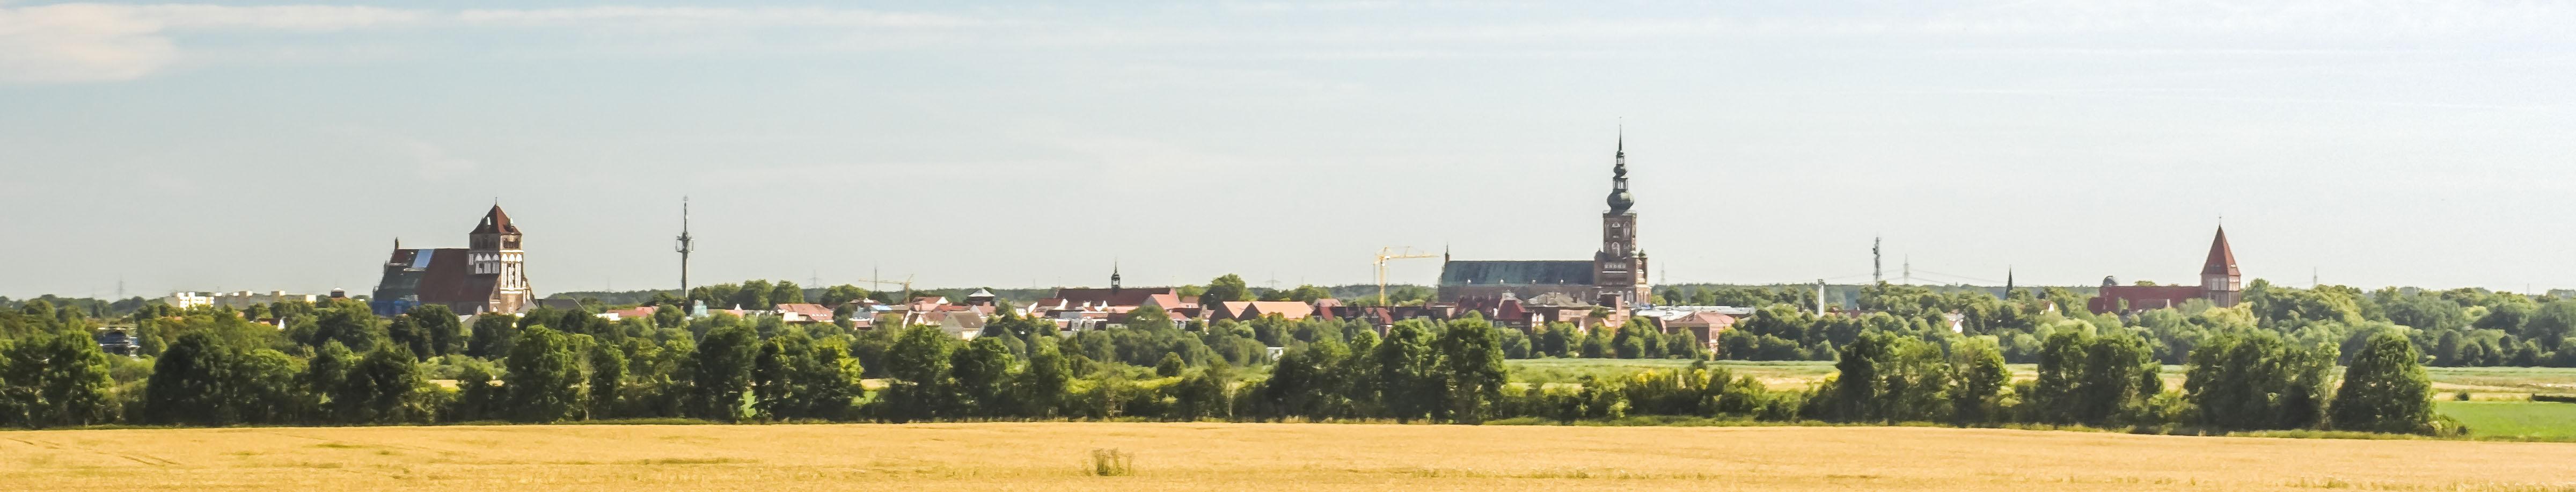 Budo-Projekte Kampfkunst in Pädagogik und Therapie in Greifswald